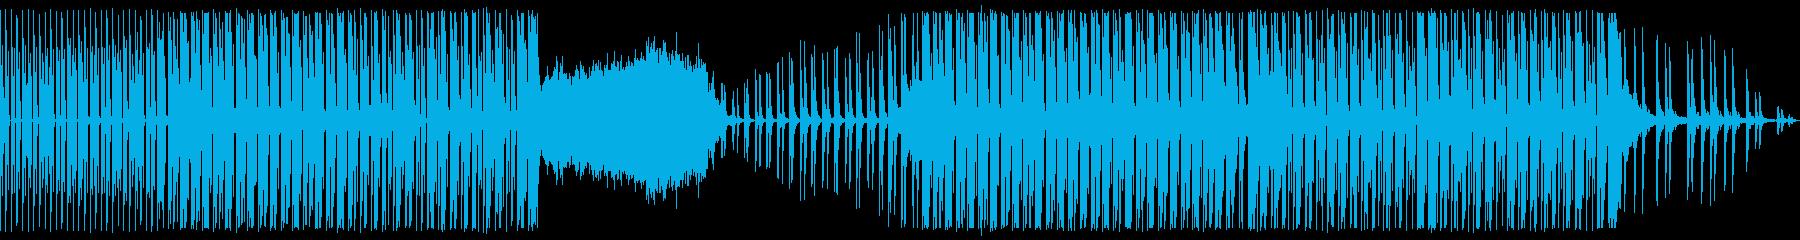 最高のダンスポップ/ハウス/テクノBGMの再生済みの波形